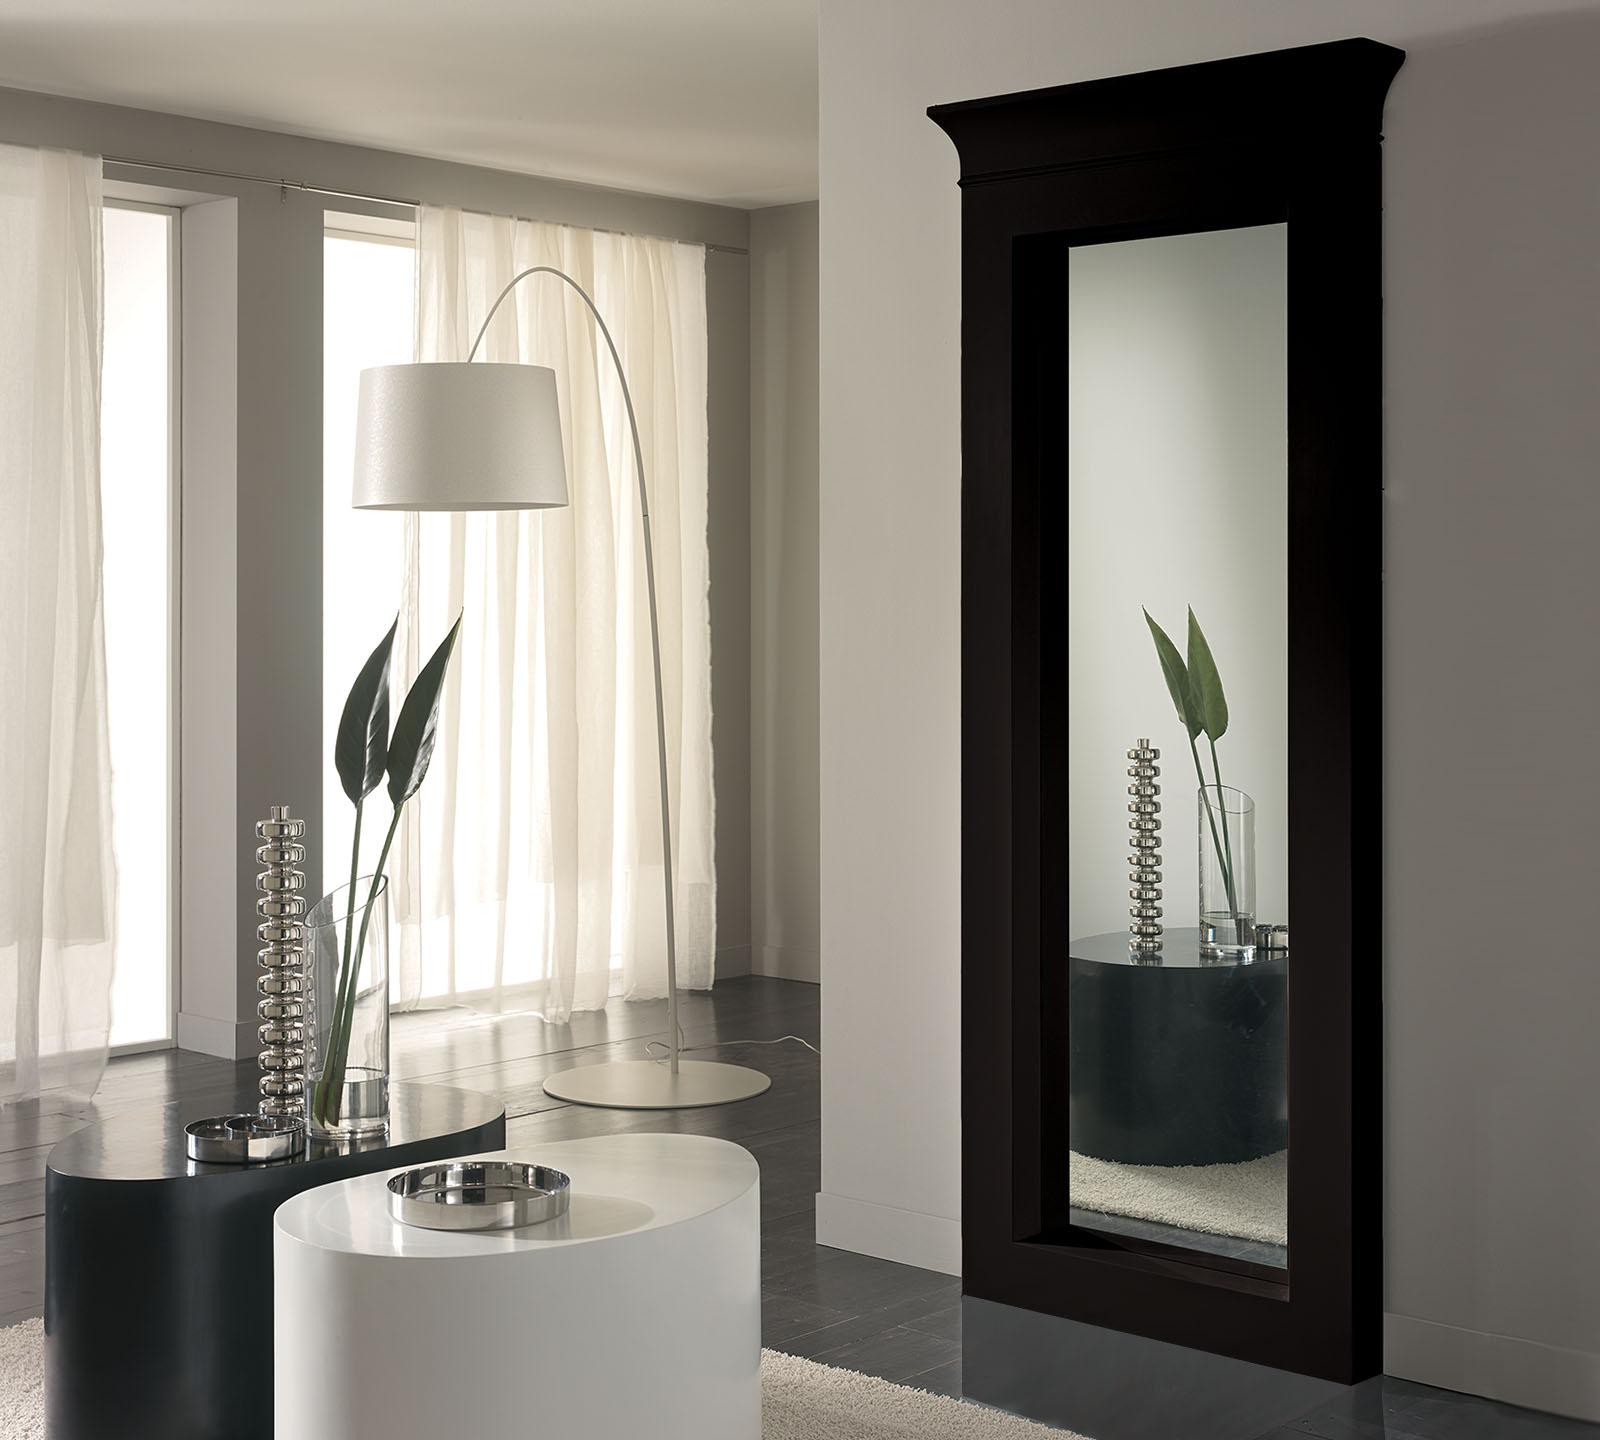 Specchio da terra nero wo 005 n duzzle - Specchi da parete amazon ...